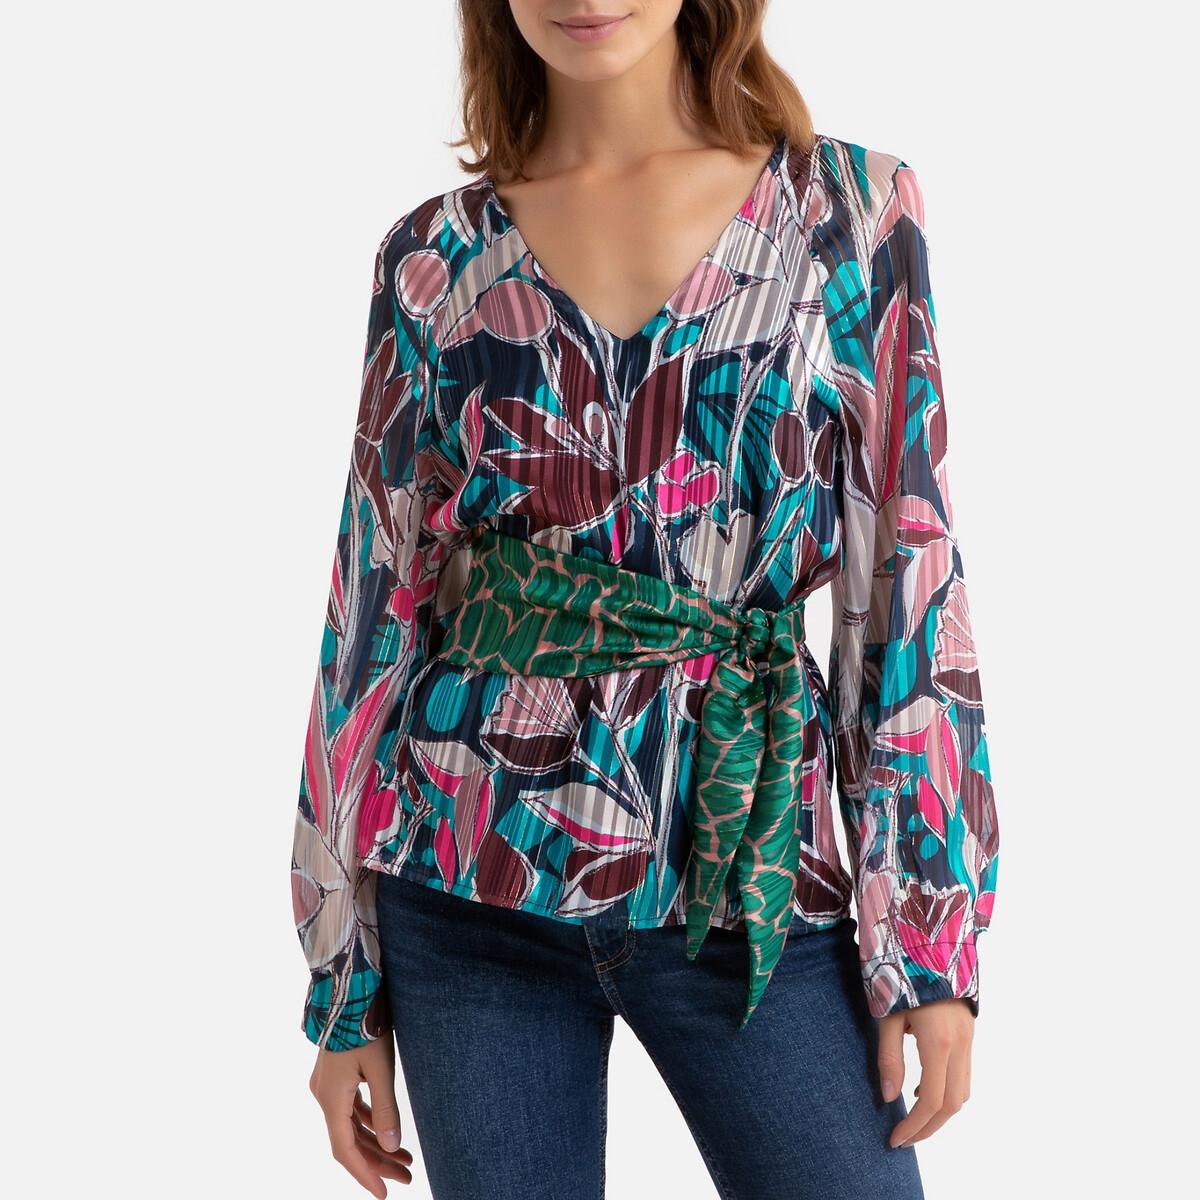 Blusa florida, com decote em V e cinto para atar